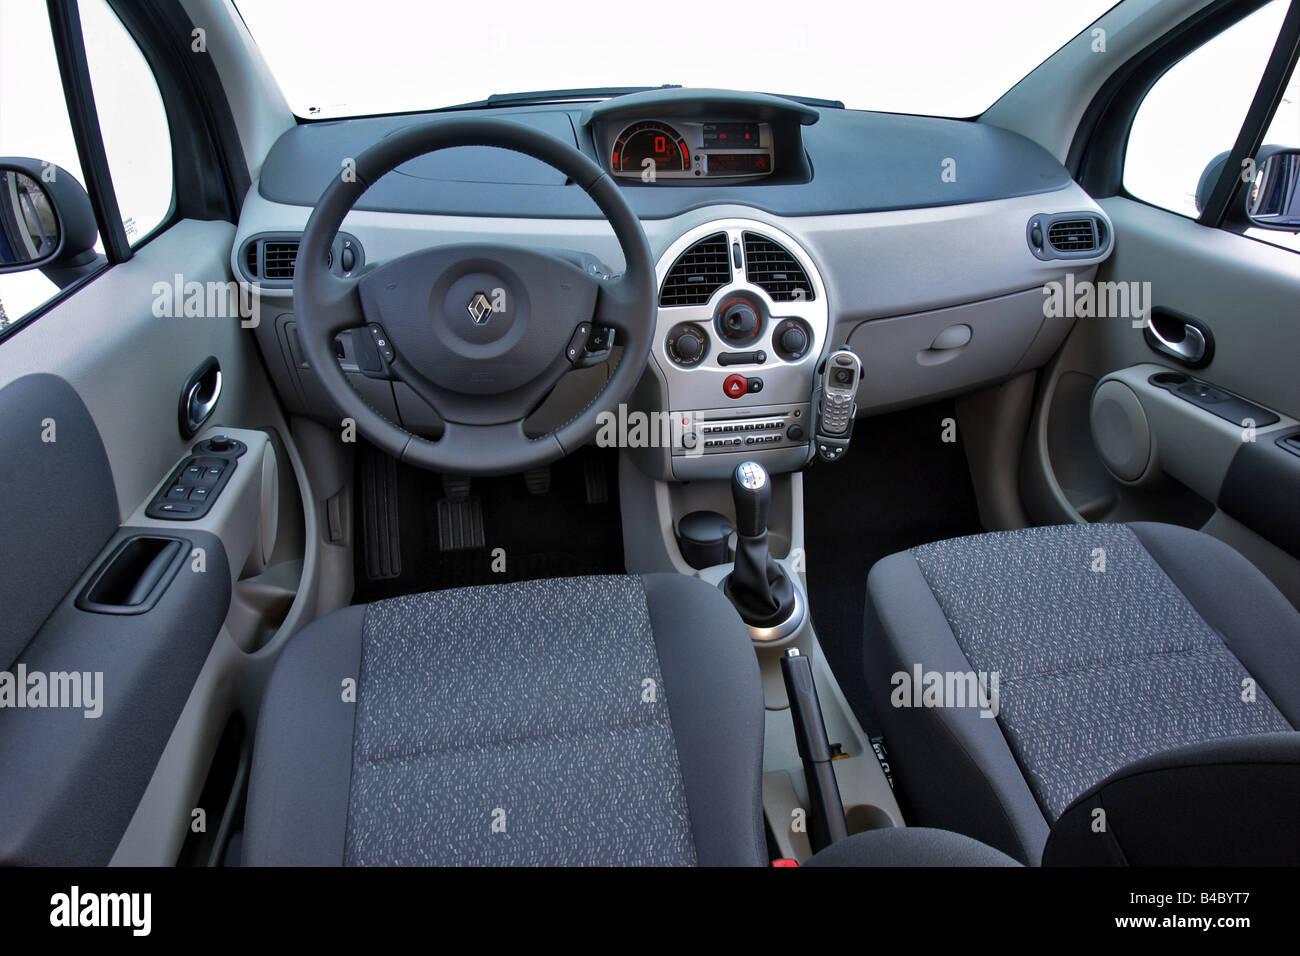 https://c8.alamy.com/compde/b4byt7/auto-renault-modus-16-16v-baujahr-2004-dunkelblau-niedrigere-mittlere-klasse-limousine-innenansicht-innenansicht-schwanz-b4byt7.jpg